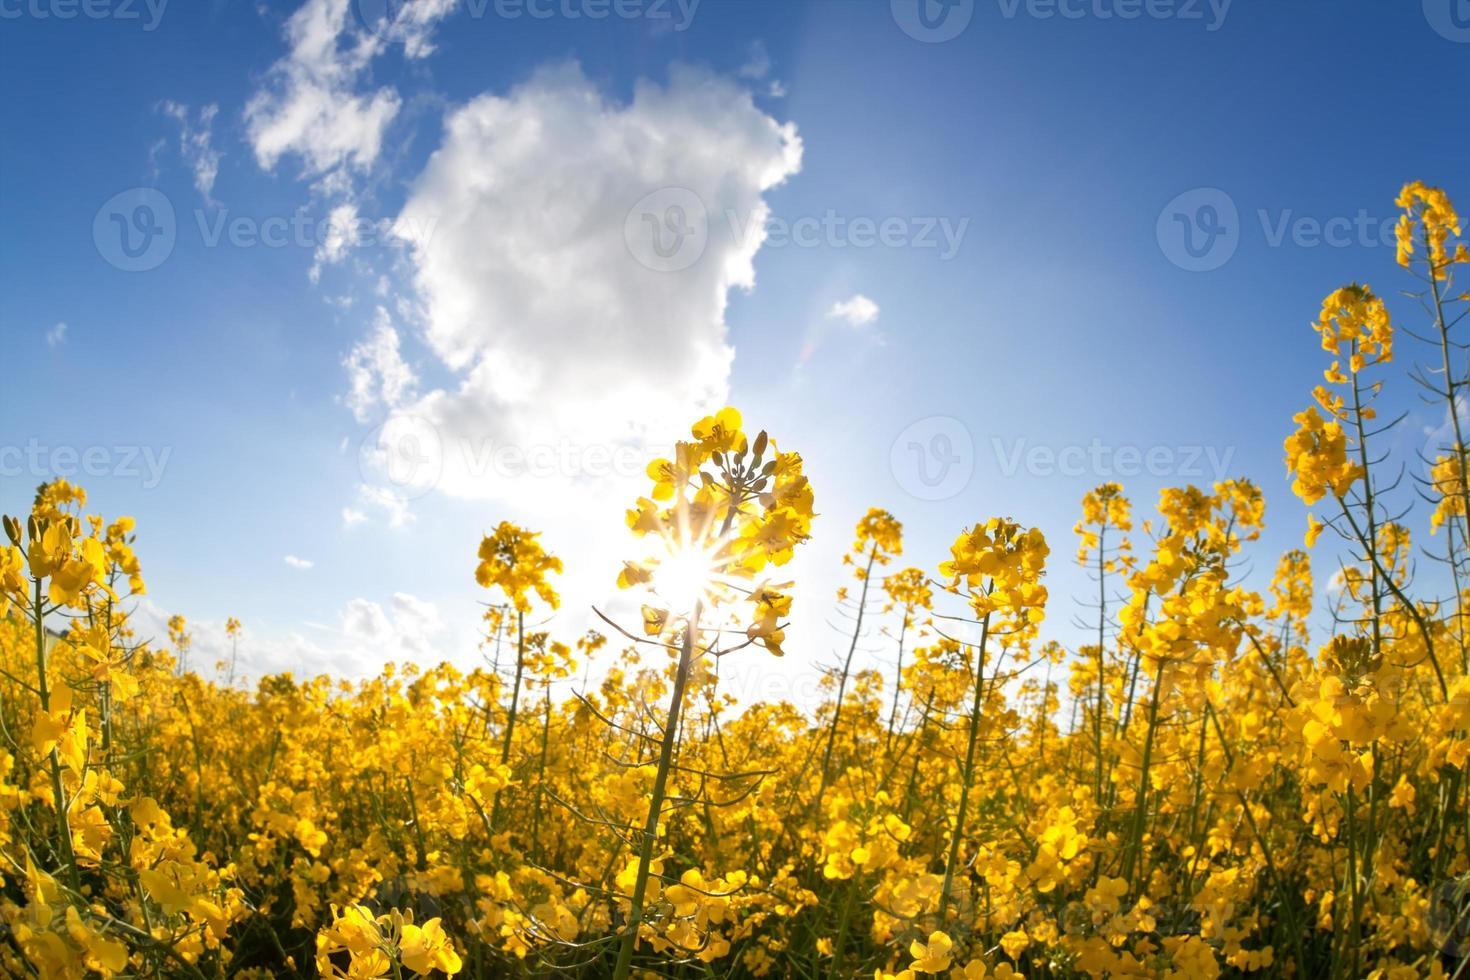 Rapsölblumen und Sonnenstrahlen über blauem Himmel foto